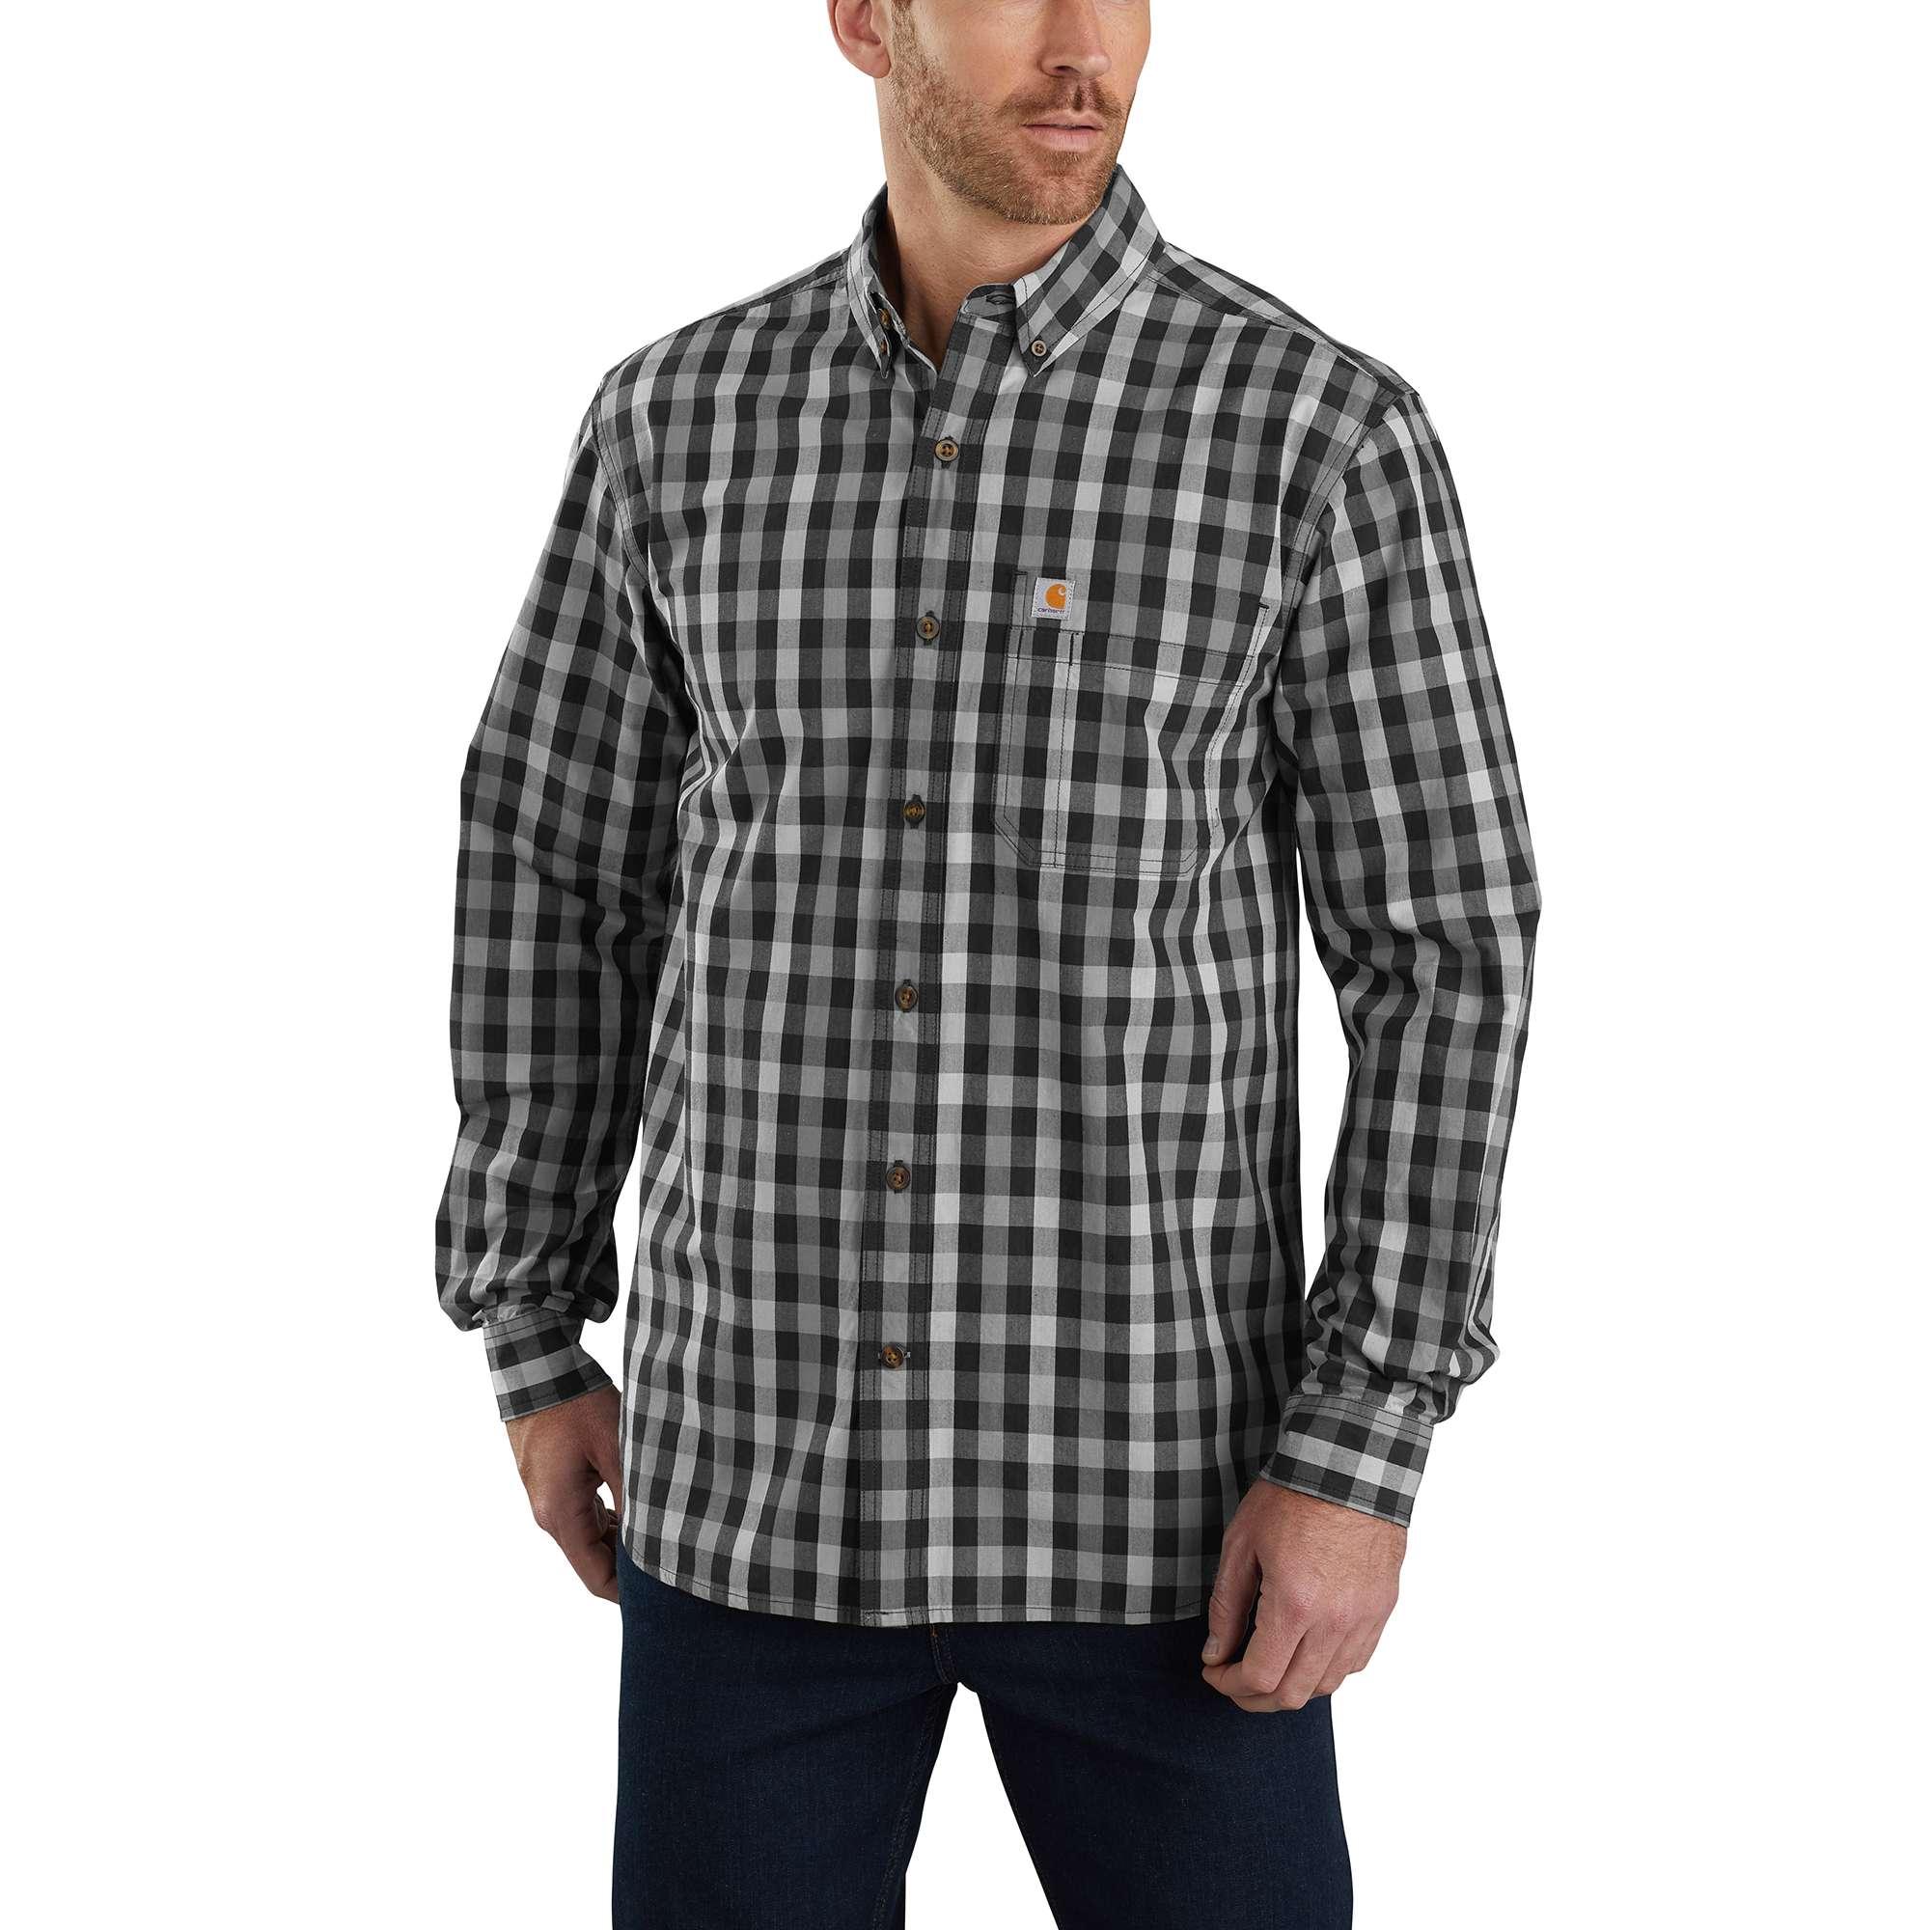 Carhartt Essential Plaid Button Down Long-Sleeve Shirt